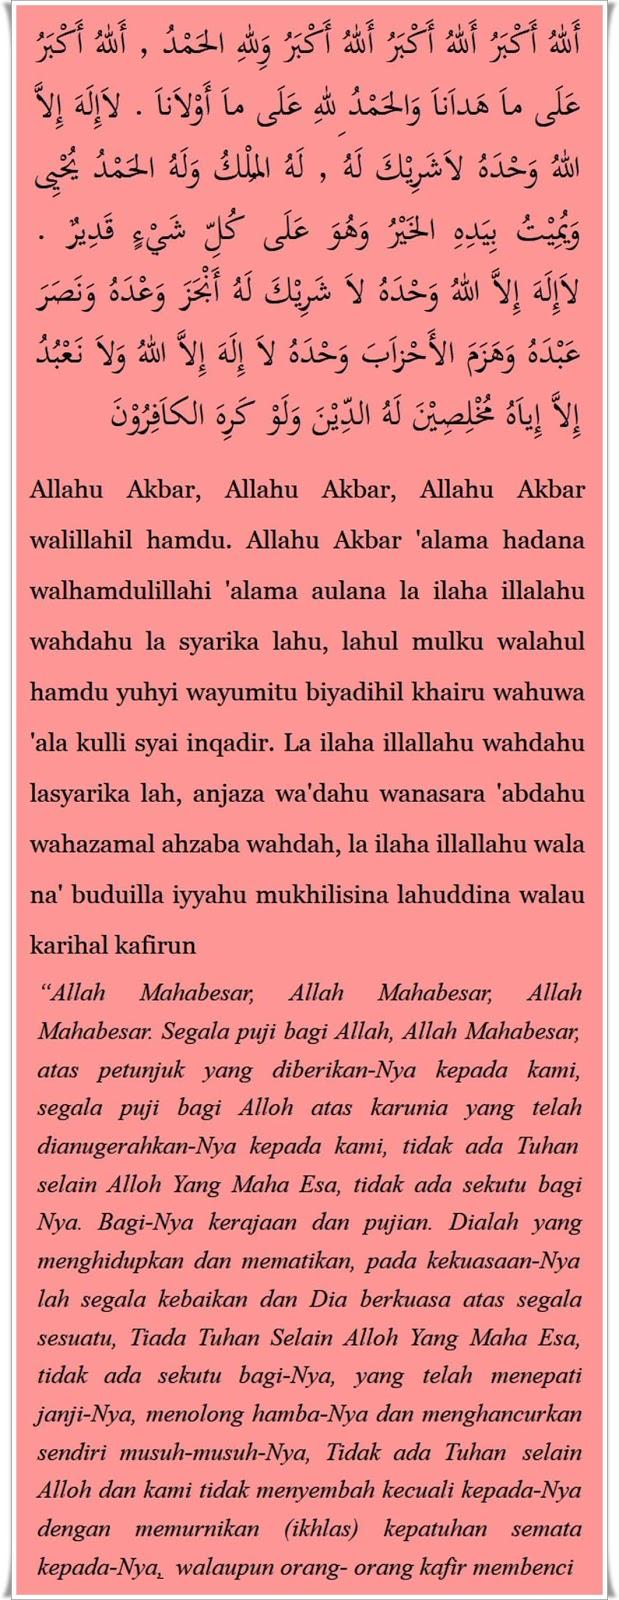 gambar bacaan doa haji ketika berada di bukit shafa marwa melihat kabah